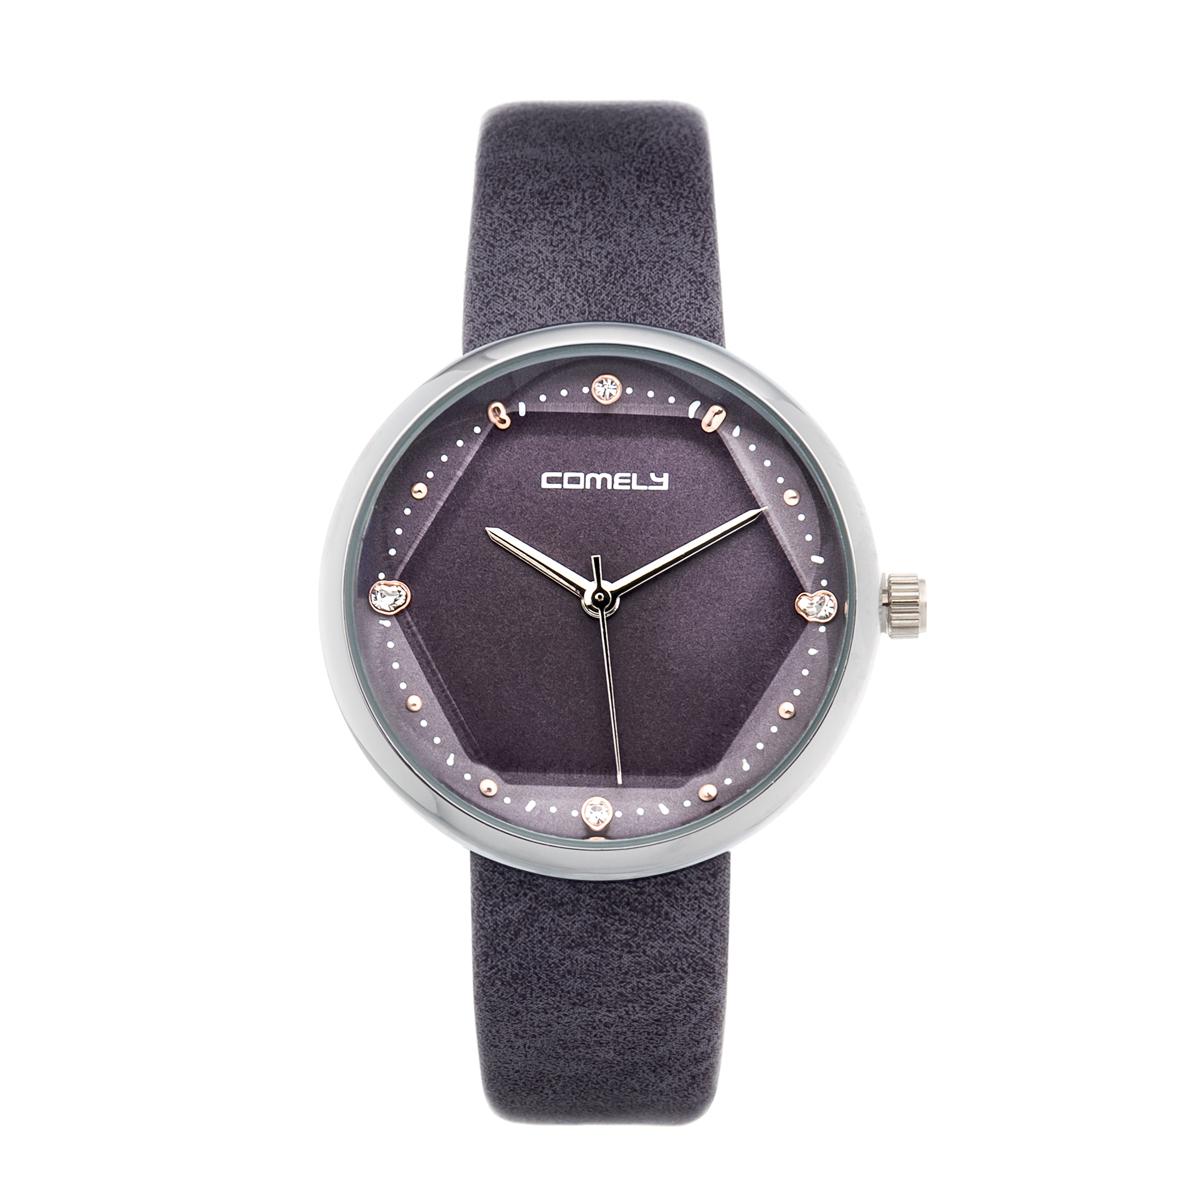 ساعت مچی زنانه کاملی کد W1066